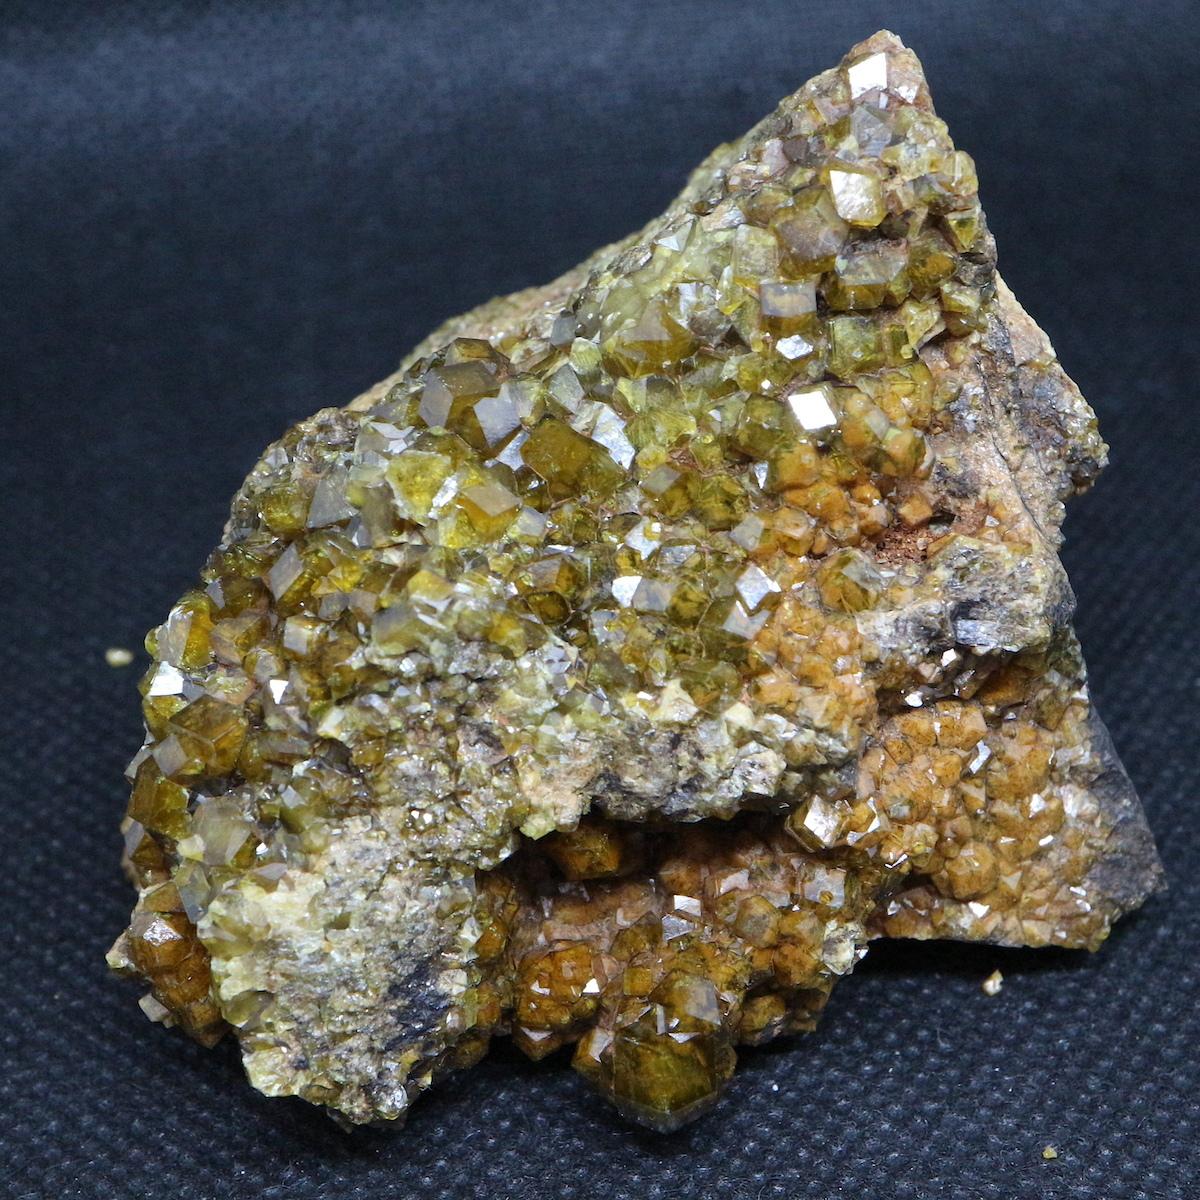 トパゾライト アンドラダイト ガーネット 灰鉄柘榴石 原石 268,9g AND060 鉱物 標本 原石 天然石